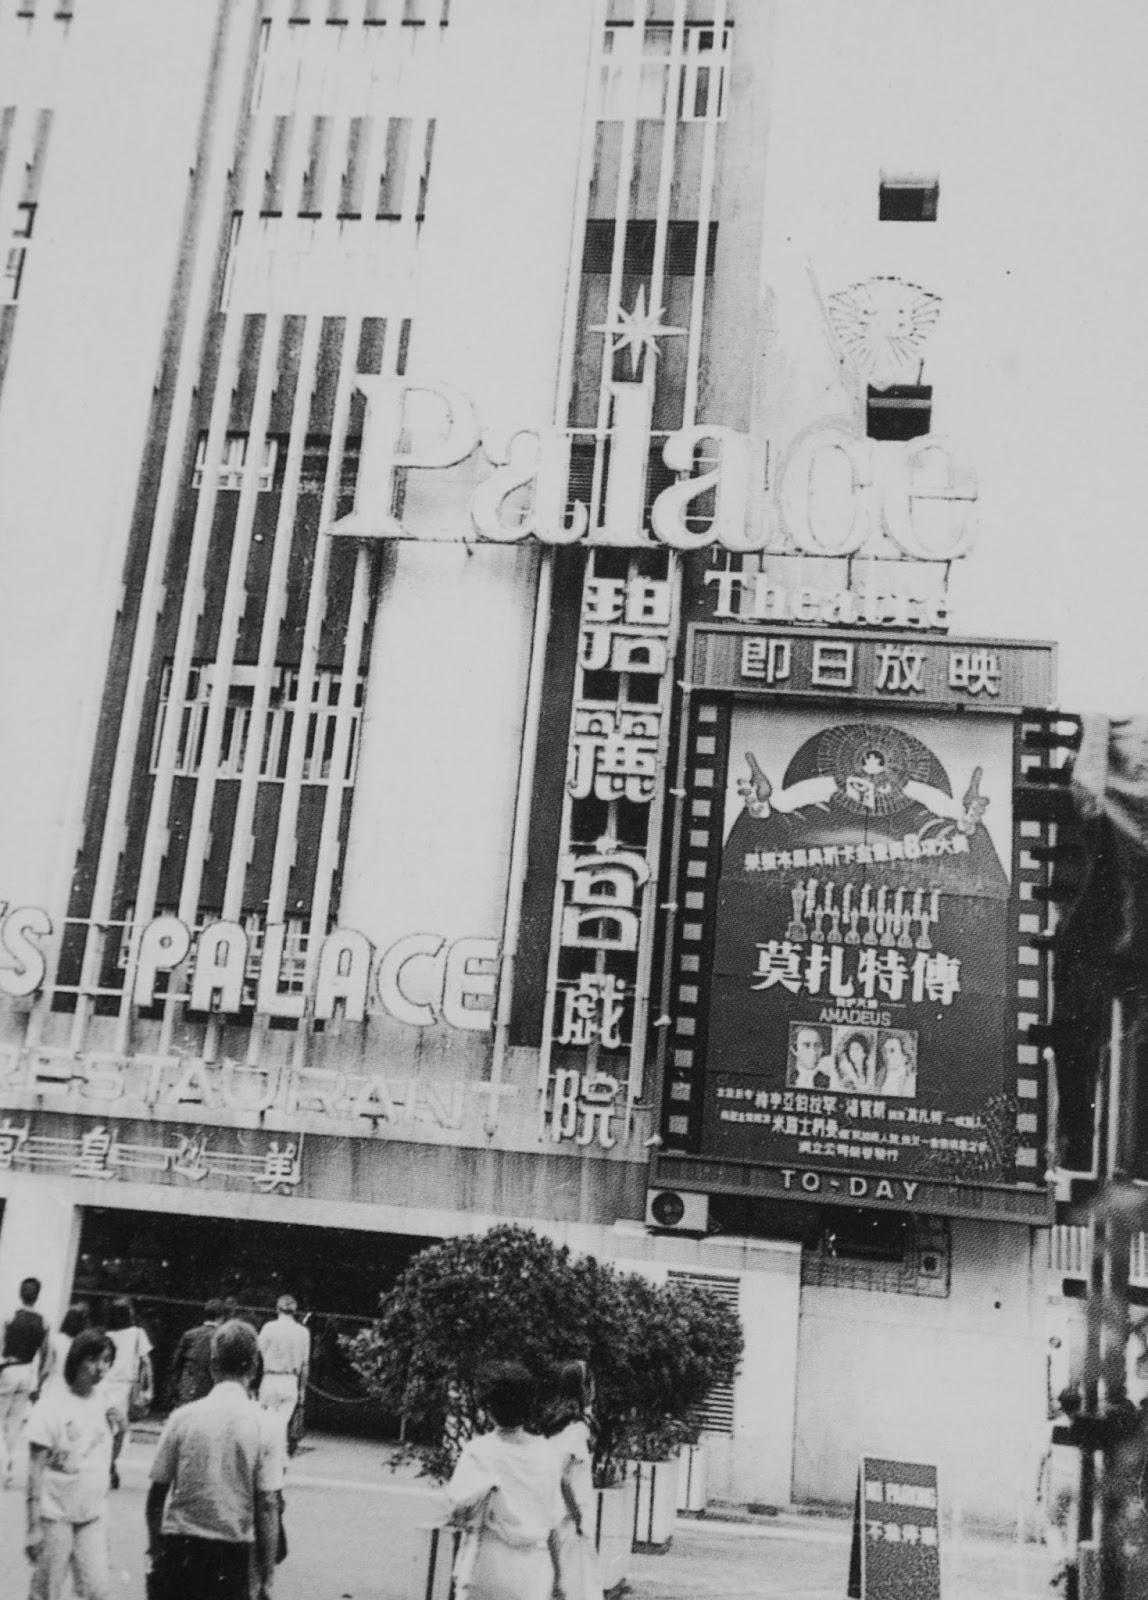 亞里安:睇驗生活: 大戲院時代 (1) : 銅鑼灣篇